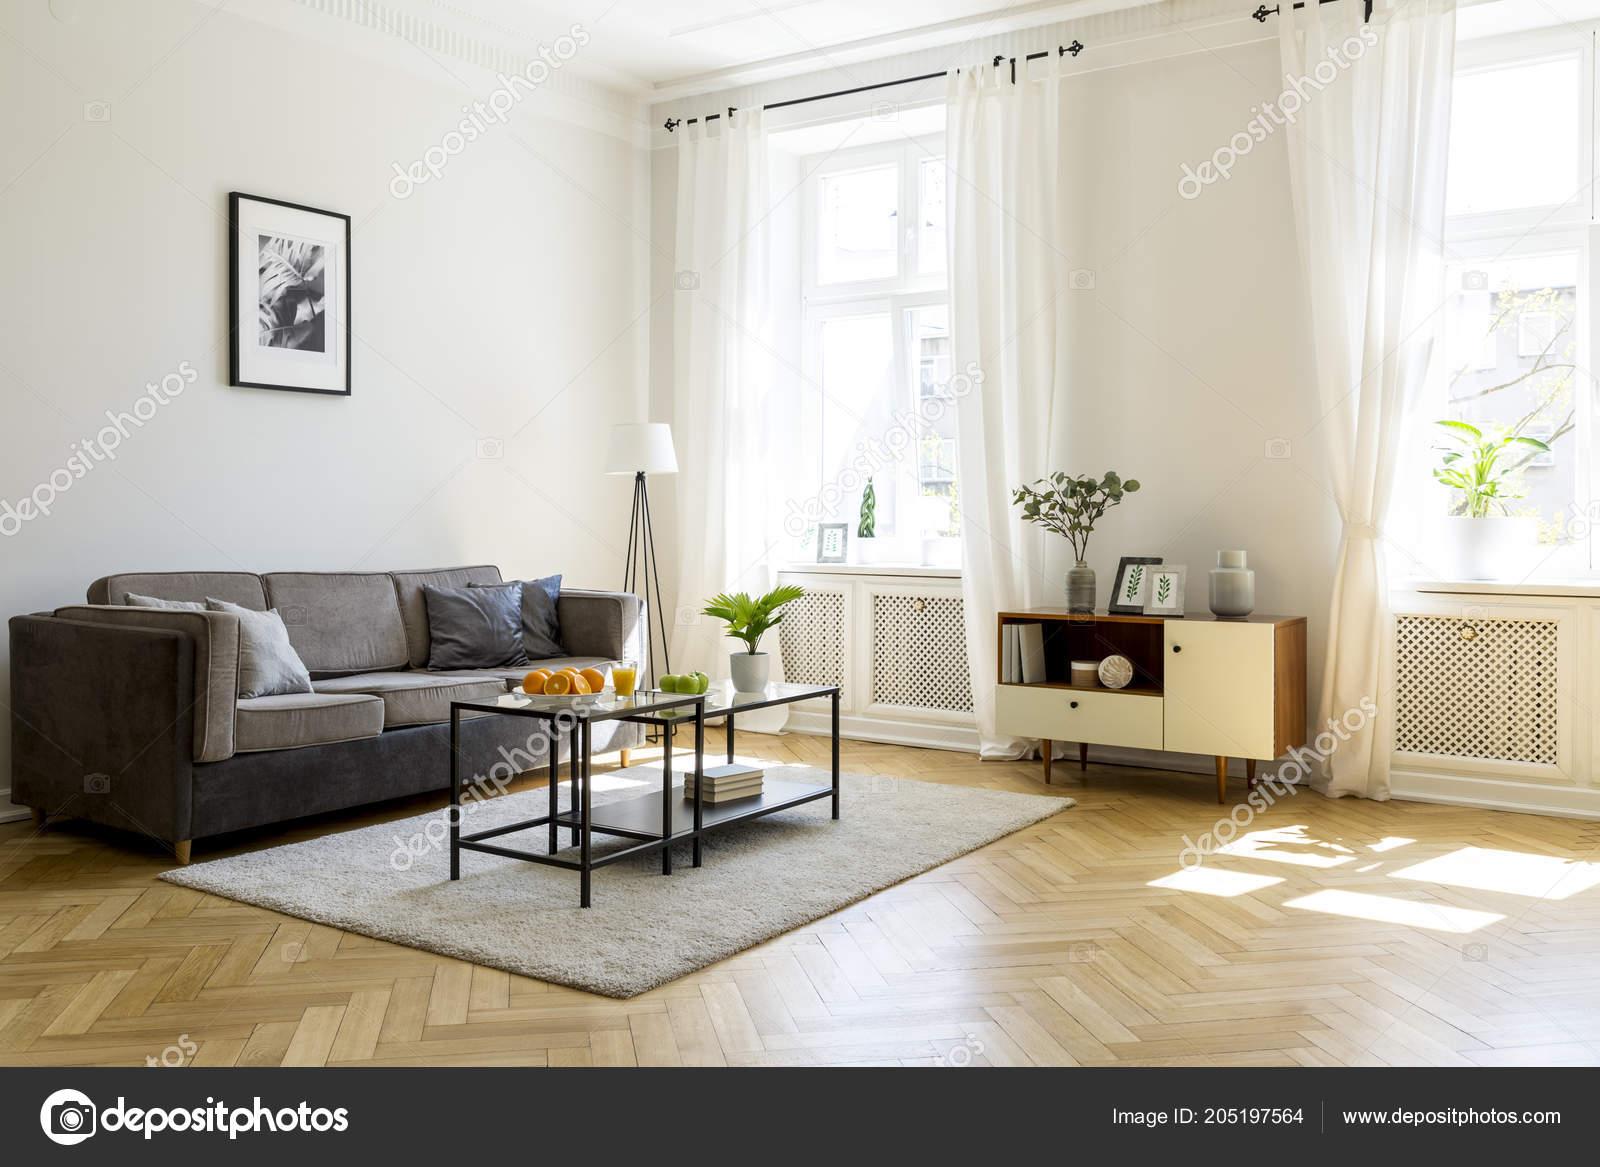 Schwarzen Tisch Auf Teppich Wohnzimmer Interieur Mit Poster ...